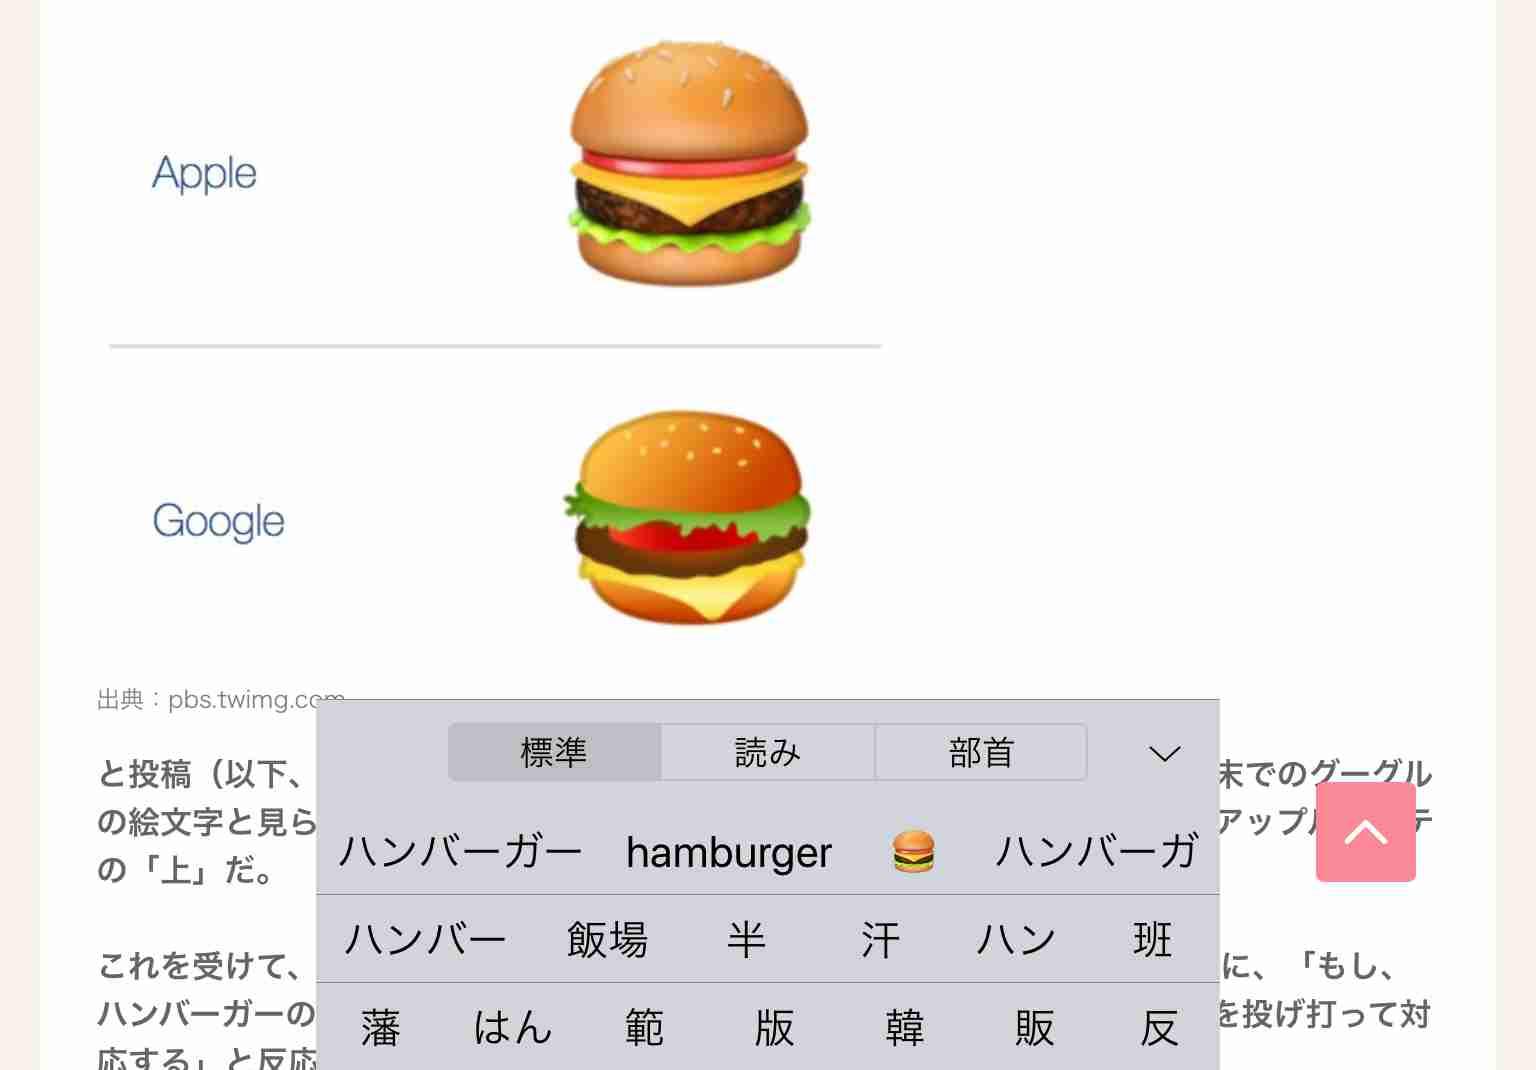 ハンバーガーのチーズ、肉の「上」か「下」か? 海外で大論争...きっかけは絵文字